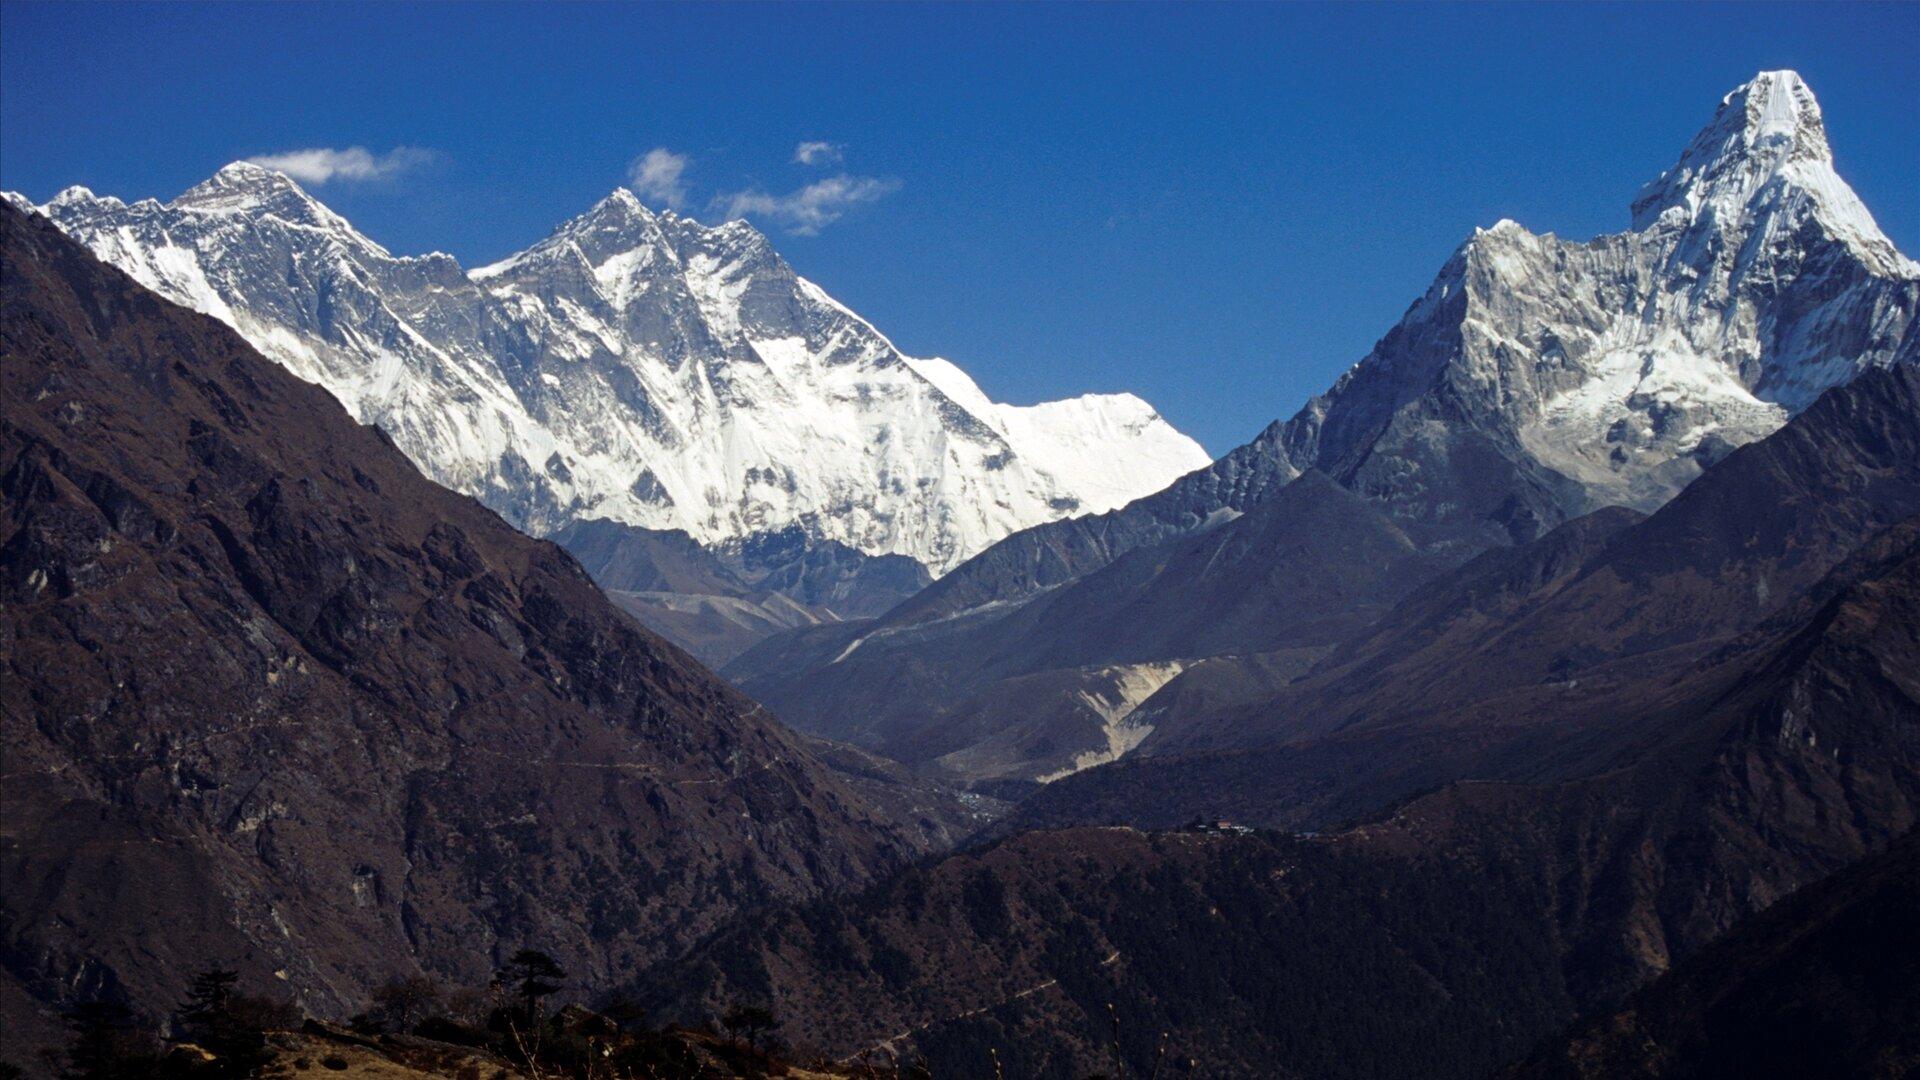 Mount Everest iAma Dablam Mount Everest iAma Dablam Źródło: Dnor, licencja: CC BY-SA 3.0.